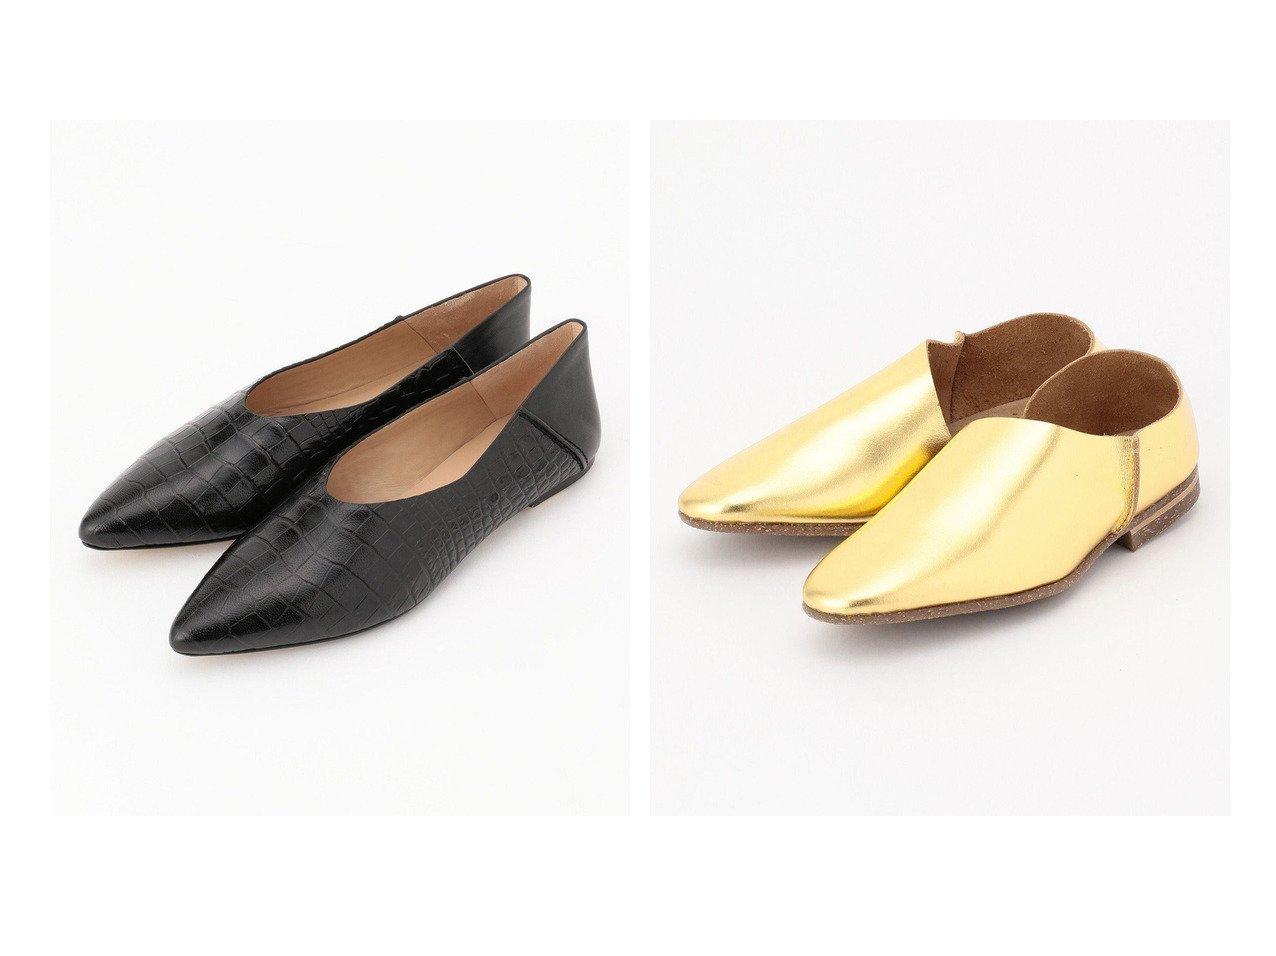 【BEIGE,/ベイジ,】のUー 2P SLIP-ON シューズ(Gold)&【JOSEPH/ジョゼフ】の【バックレススタイルでも!】 フラット シューズ 【シューズ・靴】おすすめ!人気トレンド・レディースファッション通販 おすすめで人気の流行・トレンド、ファッションの通販商品 インテリア・家具・メンズファッション・キッズファッション・レディースファッション・服の通販 founy(ファニー) https://founy.com/ ファッション Fashion レディースファッション WOMEN バッグ Bag 送料無料 Free Shipping シューズ シンプル ハンド フラット マーガレット リラックス オケージョン カッティング ストッキング スリッポン 人気 メンズ S/S・春夏 SS・Spring/Summer 夏 Summer  ID:crp329100000046899